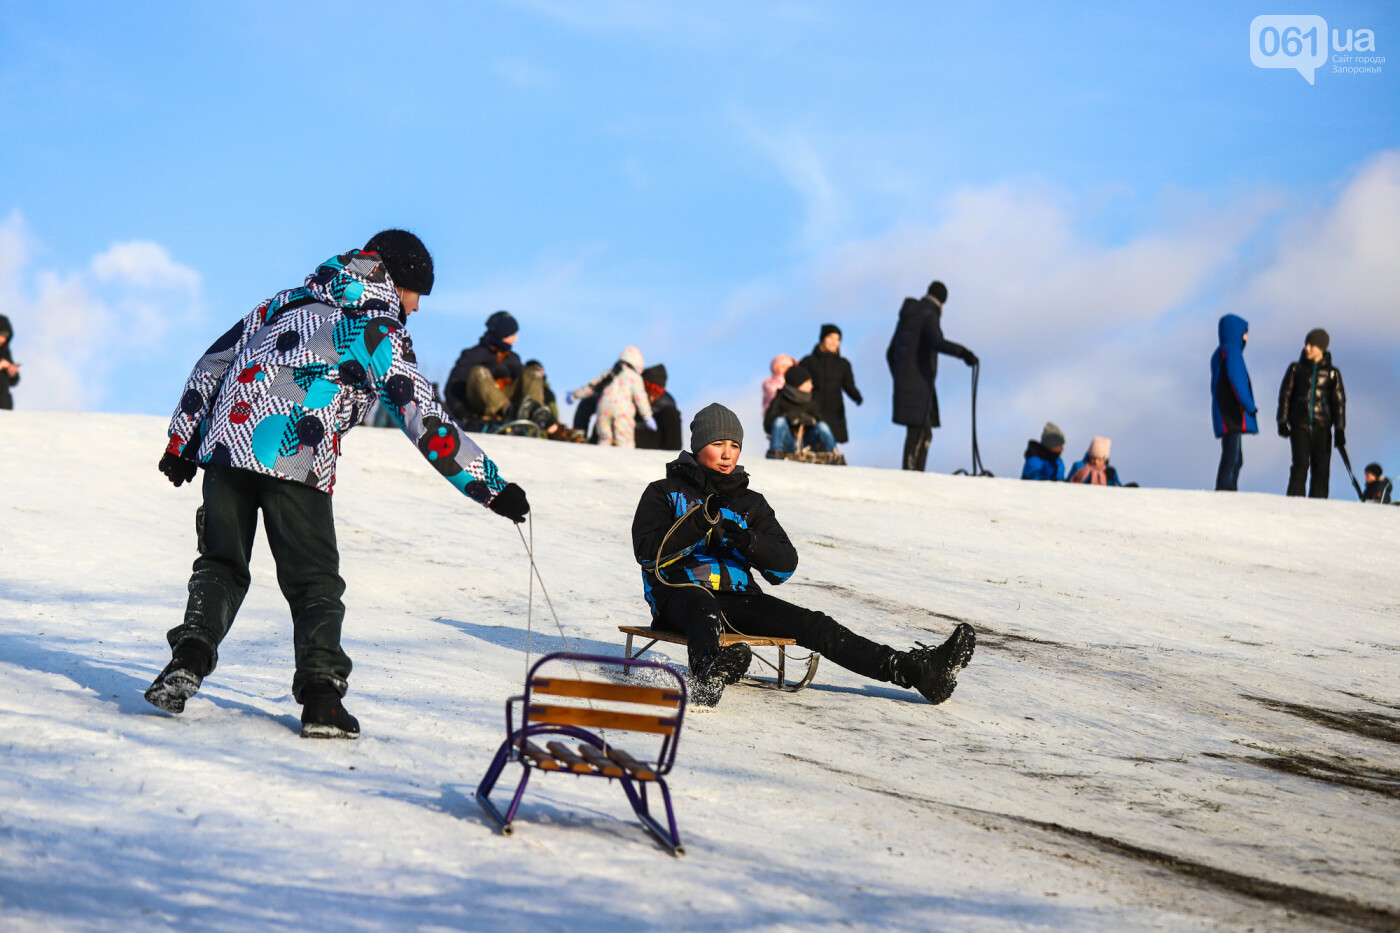 На санках, лыжах и сноуборде: запорожцы устроили массовое катание с горок в Вознесеновском парке, - ФОТОРЕПОРТАЖ, фото-38